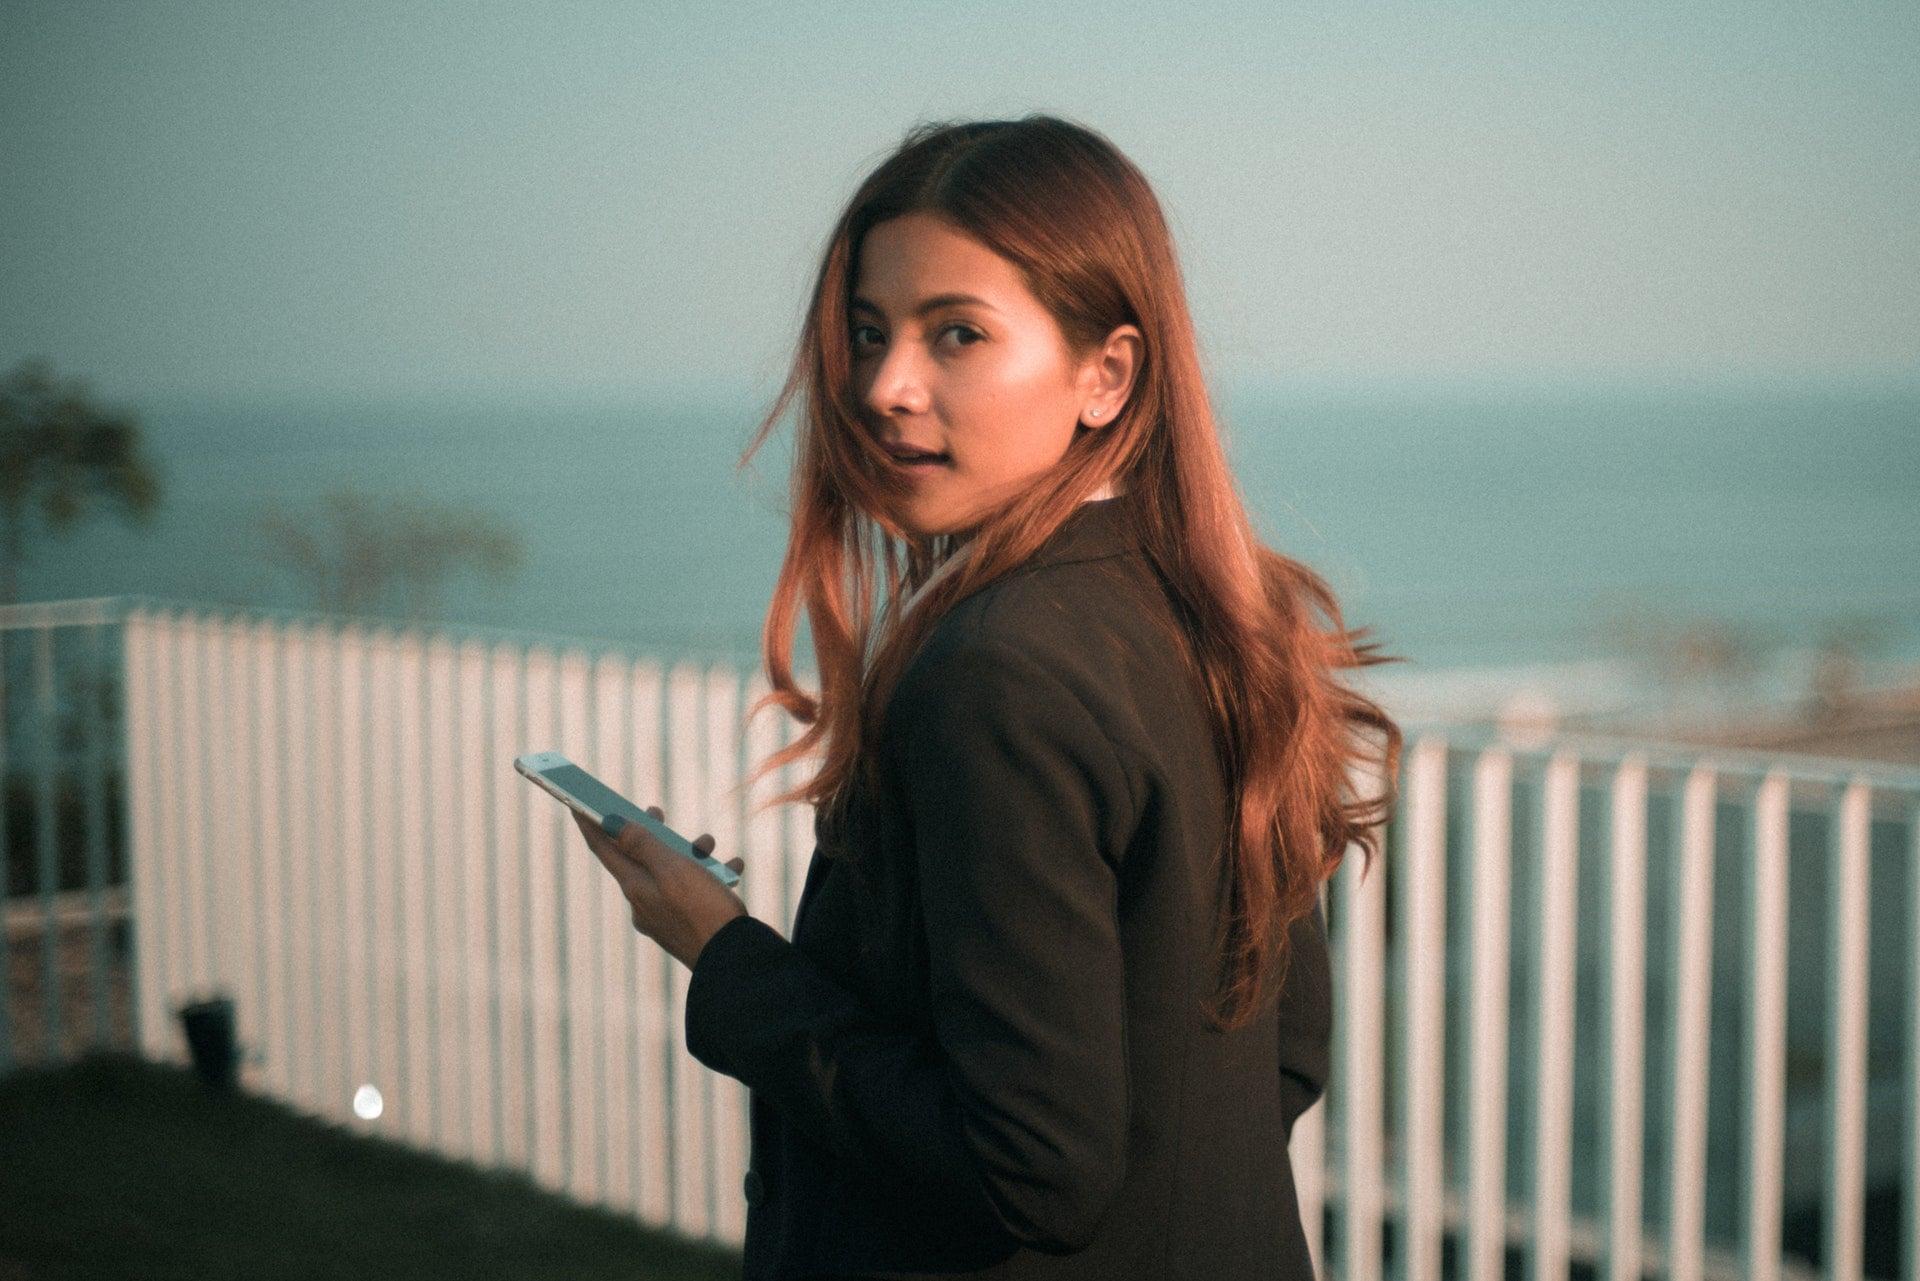 Oferty Plusa i Premium Mobile działają na klientów jak magnes, a z Play odchodzą tłumy